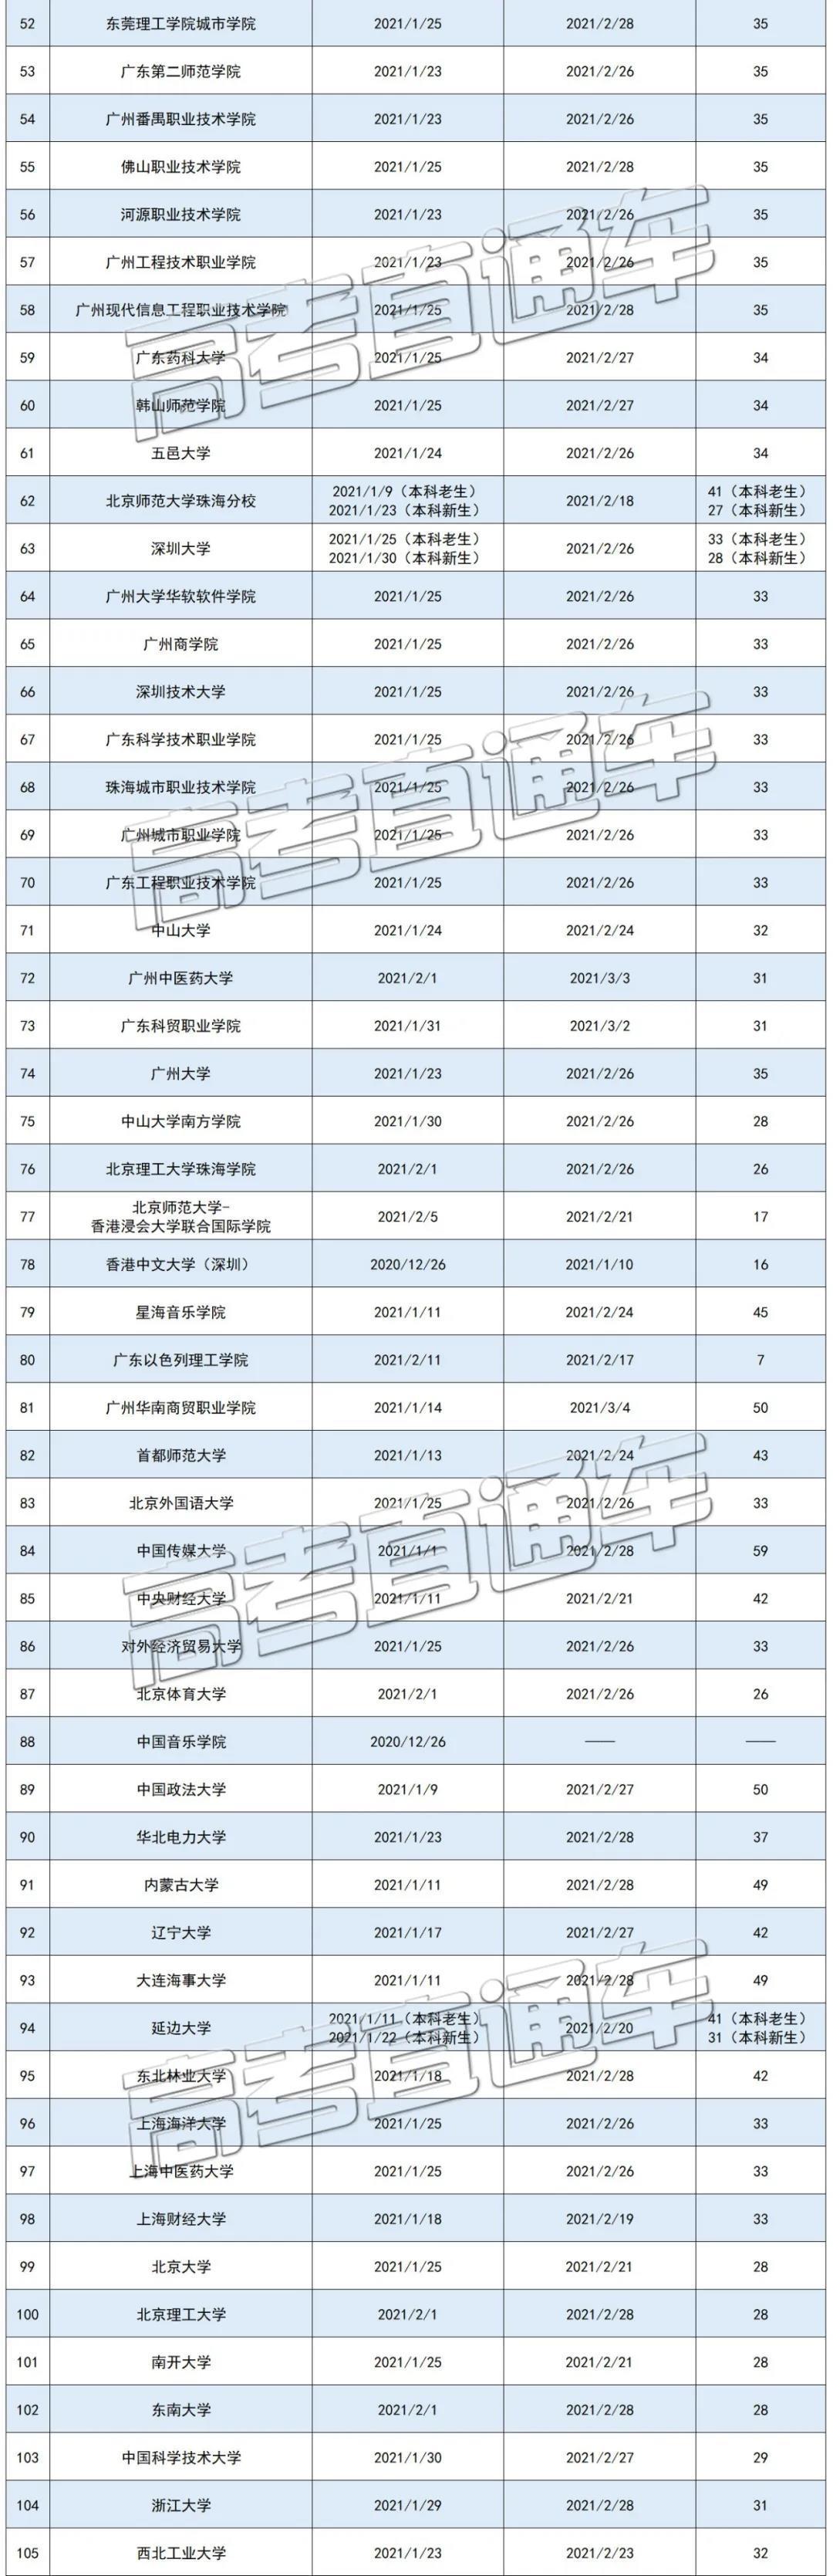 全��各高校寒假�r�g排行榜2